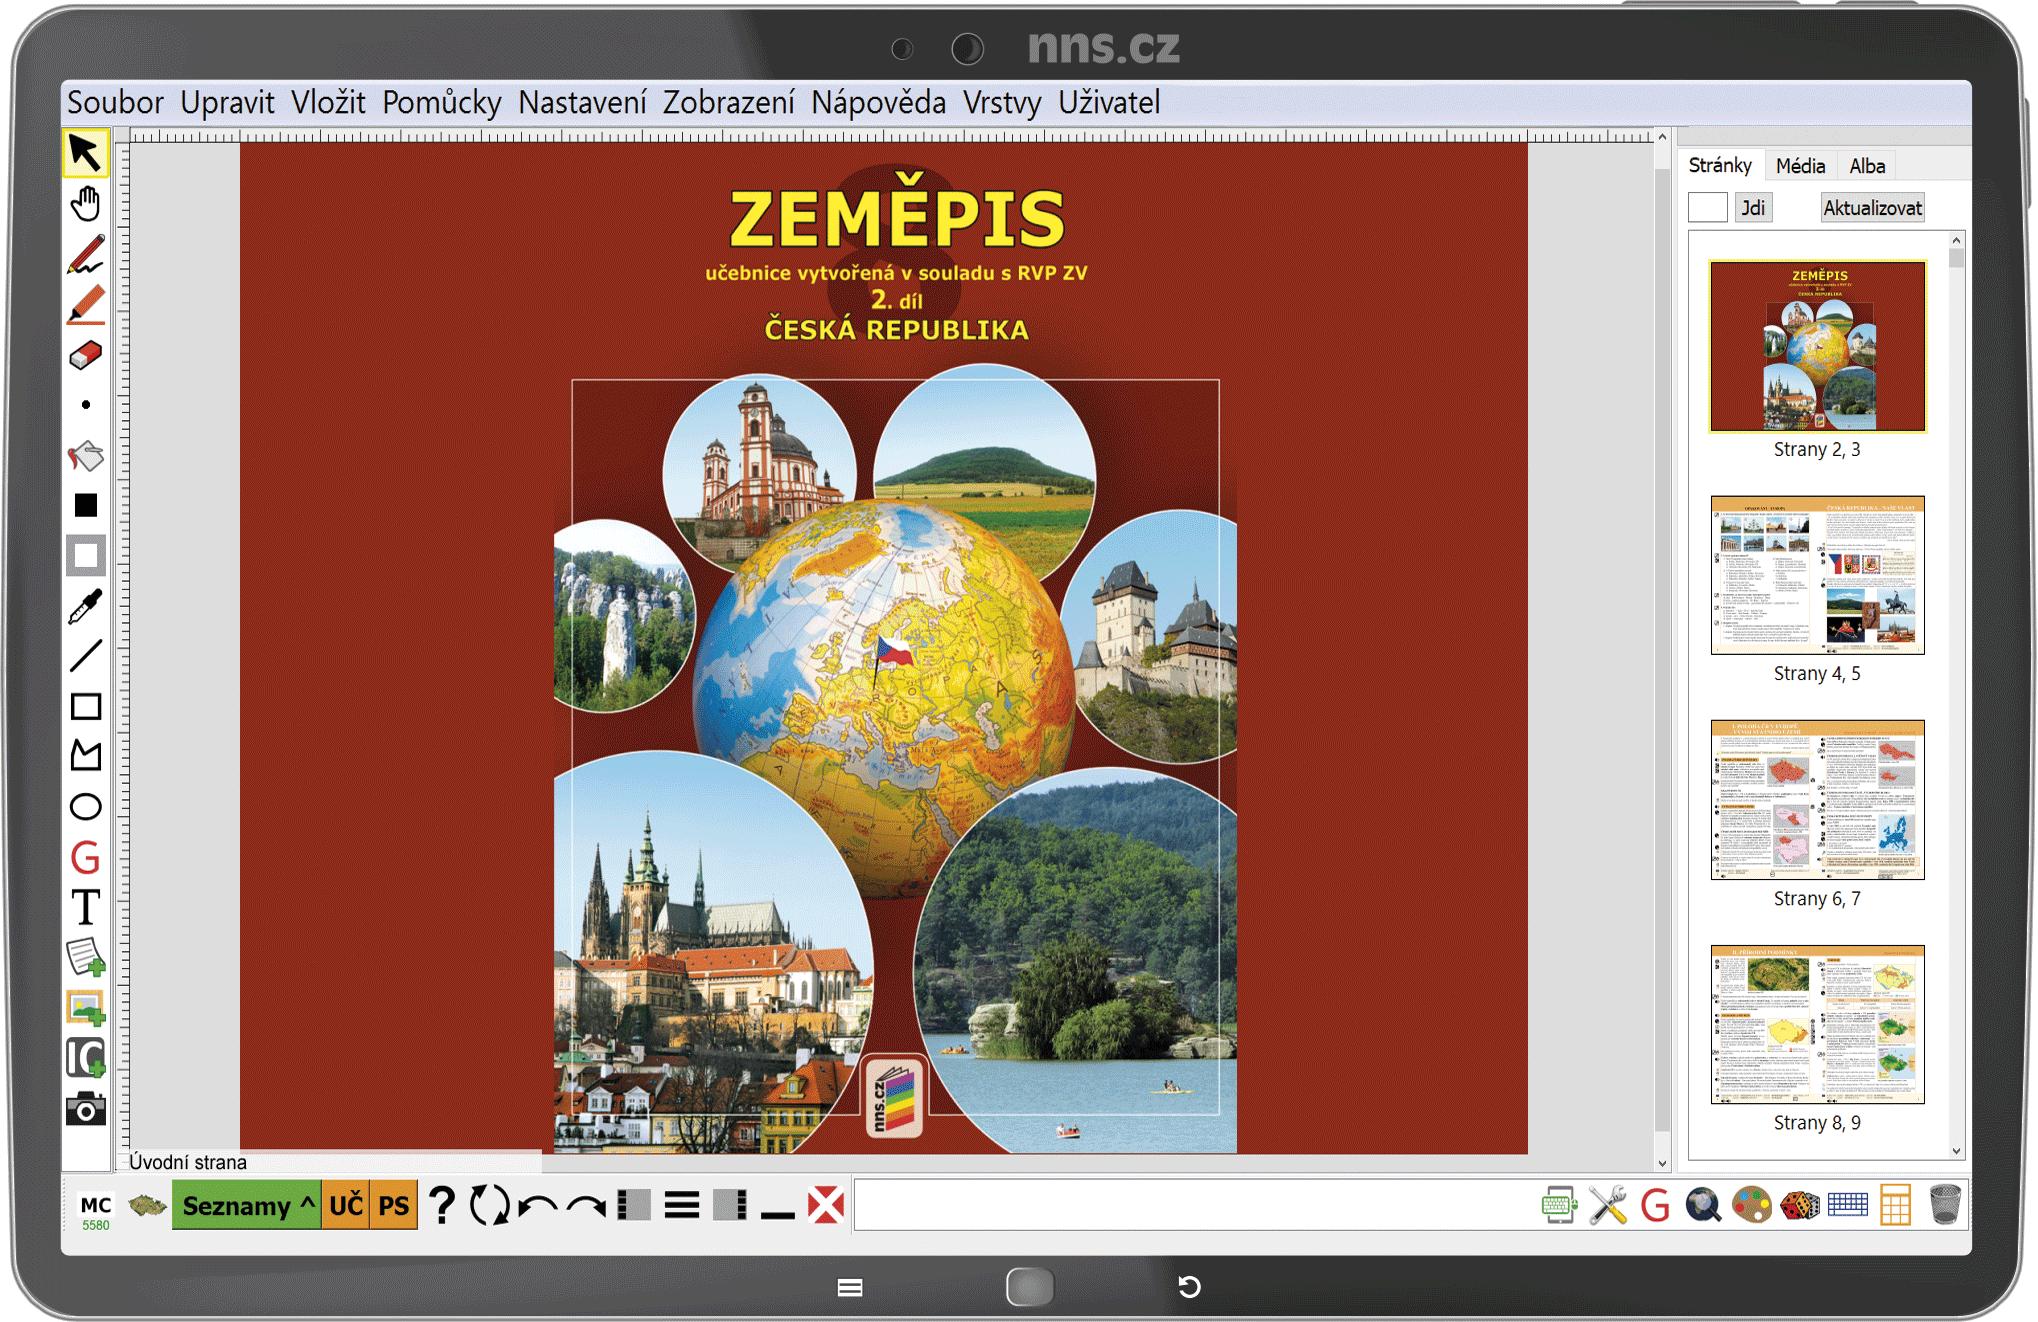 MIUč+ Zeměpis 8, 2. díl - Česká republika - časově neomezená šk. multilicence